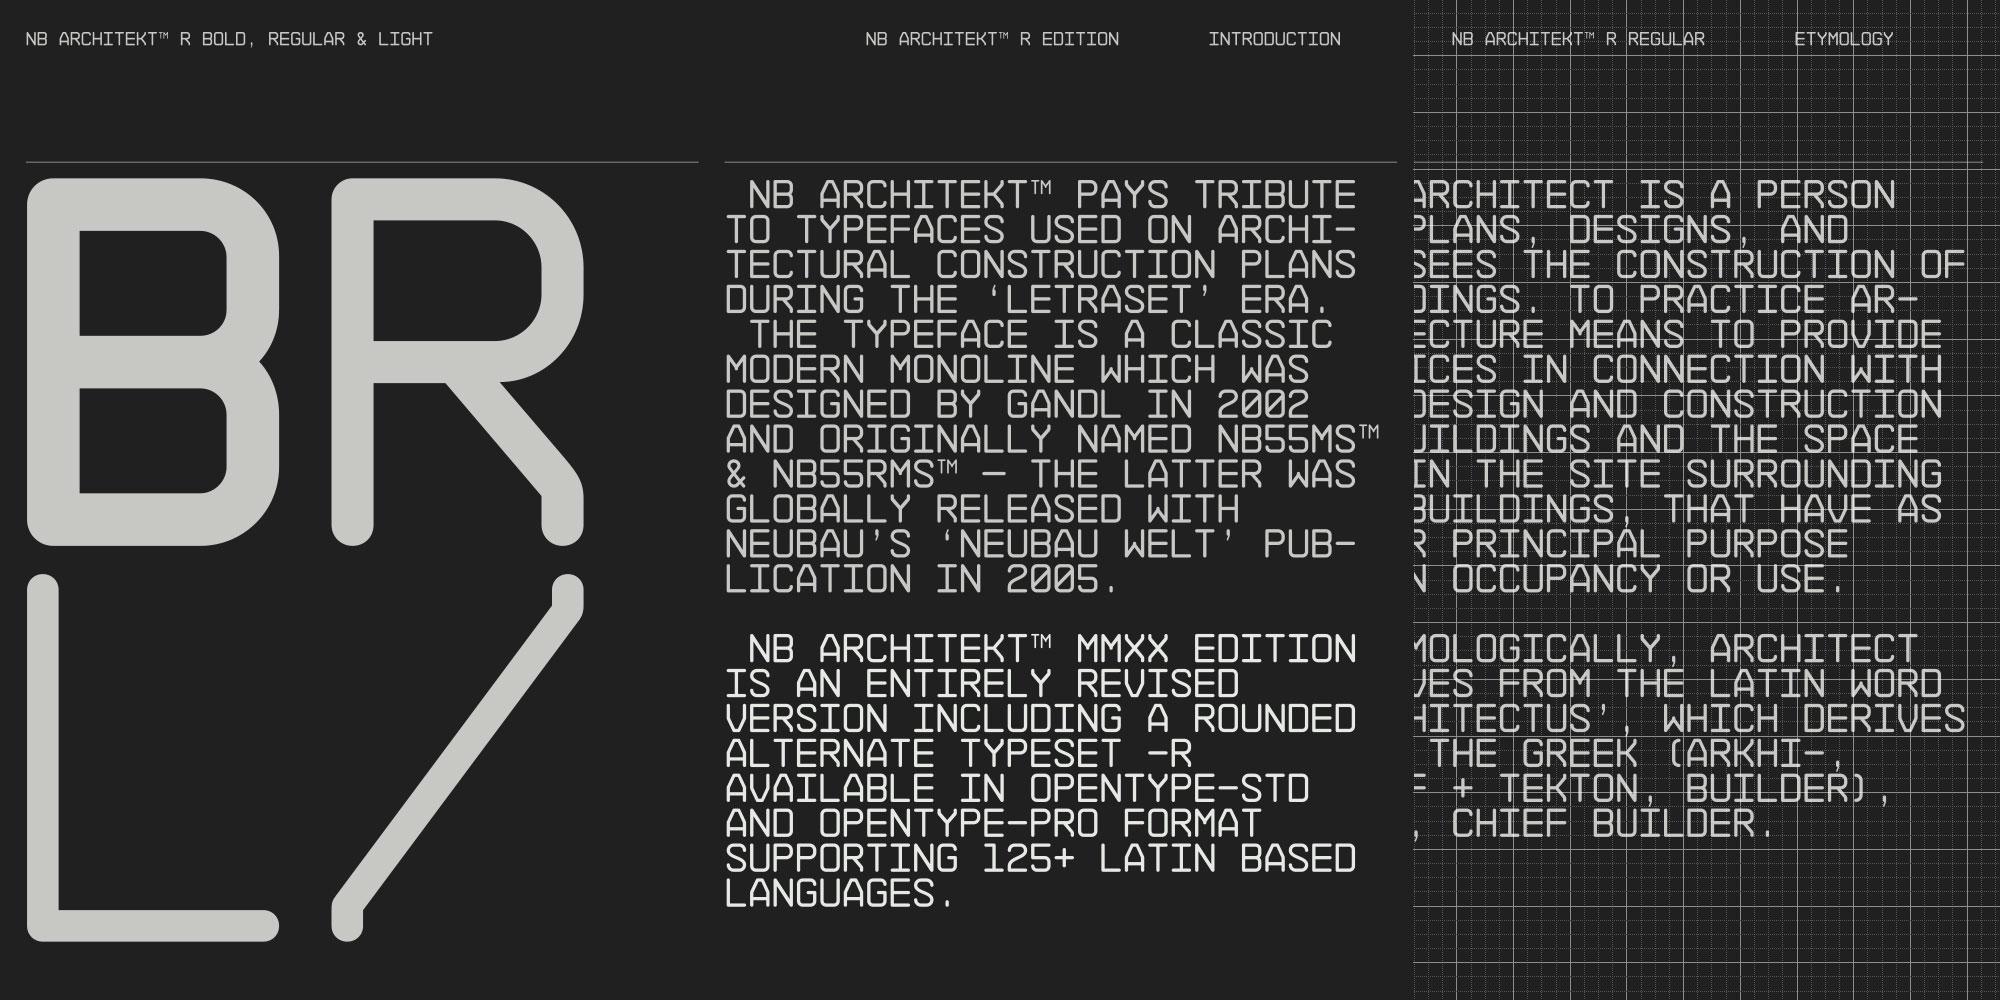 NBL_NB_Architekt_ED_MMXX_R_BRL